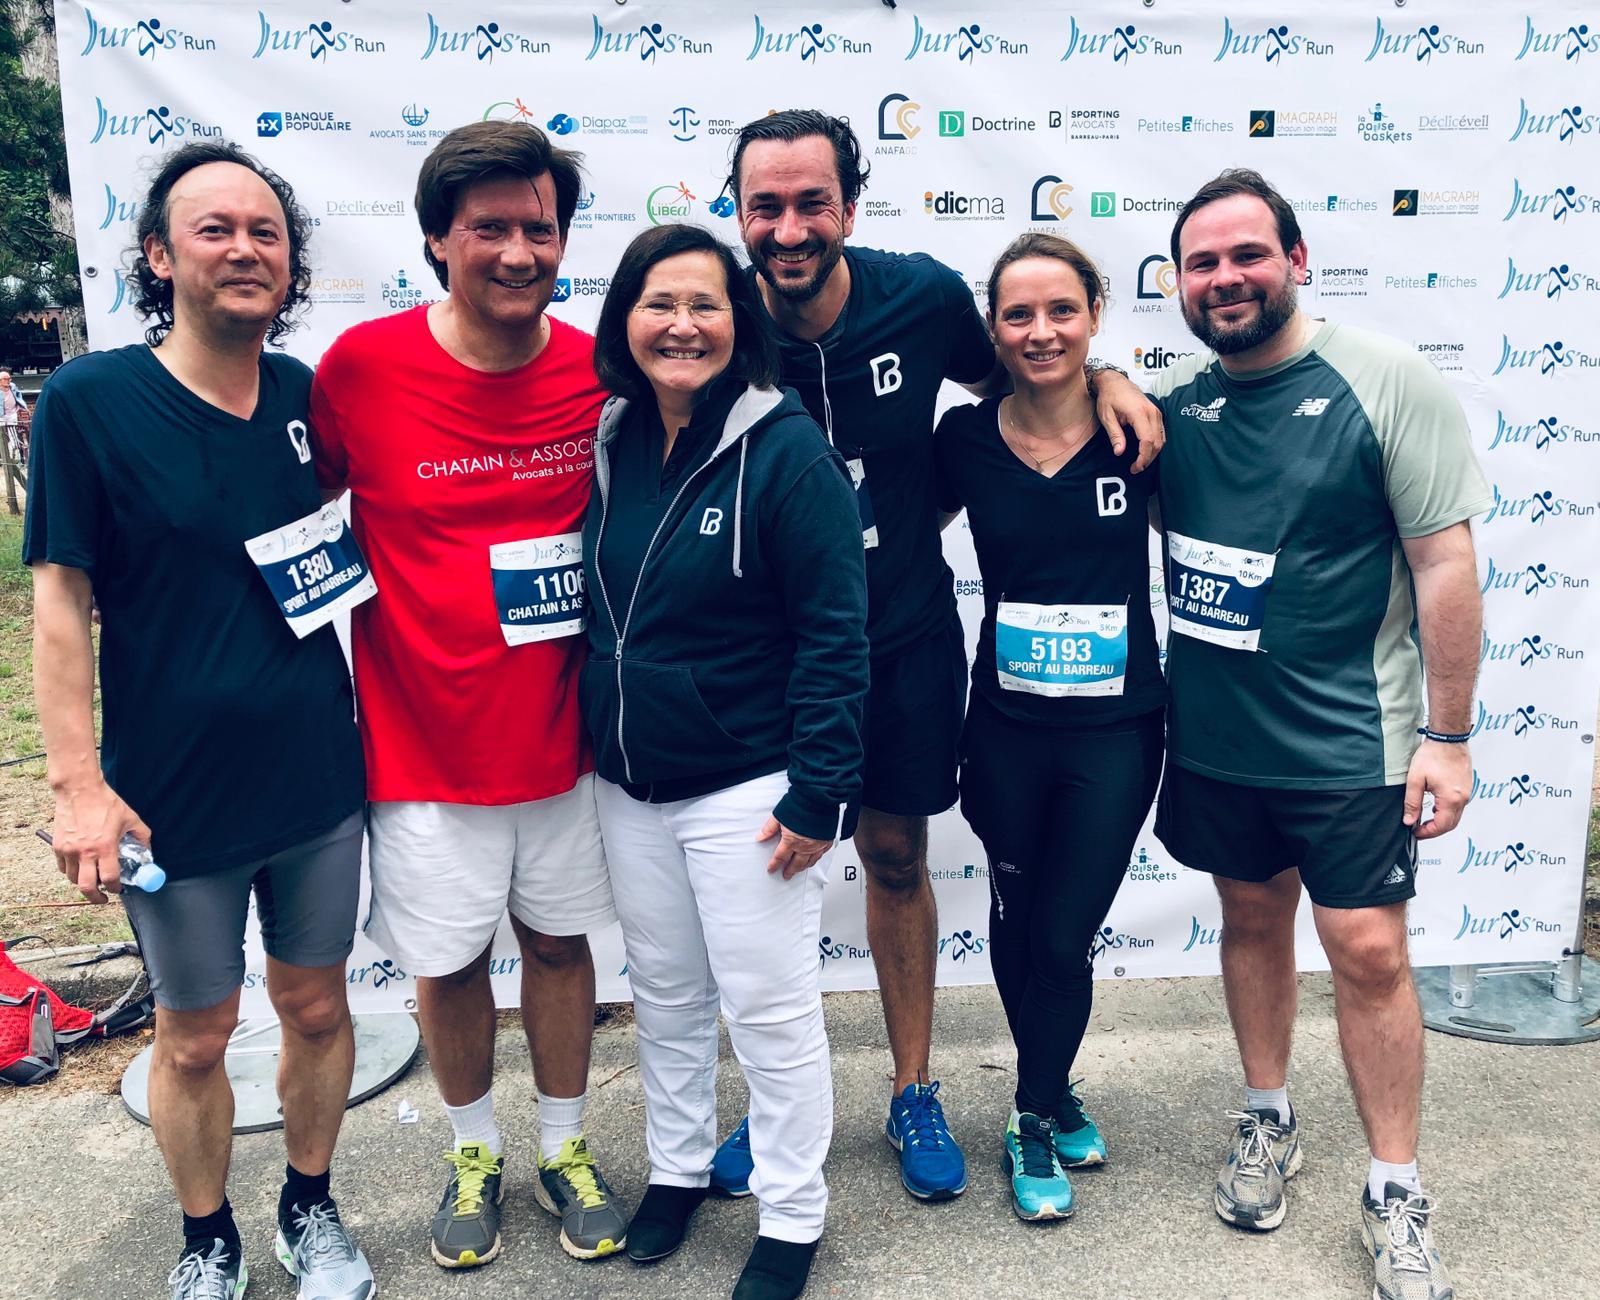 """<span style=""""font-size:11pt""""><span style=""""line-height:107%""""><span style=""""font-family:""""Calibri"""",sans-serif"""">CHHUM AVOCATS (Paris, Nantes, Lille) a participé à la Juris Run 2019 au Bois de Boulogne qui s'est déroulée le 16 juin 2019 à 10h.</span><"""